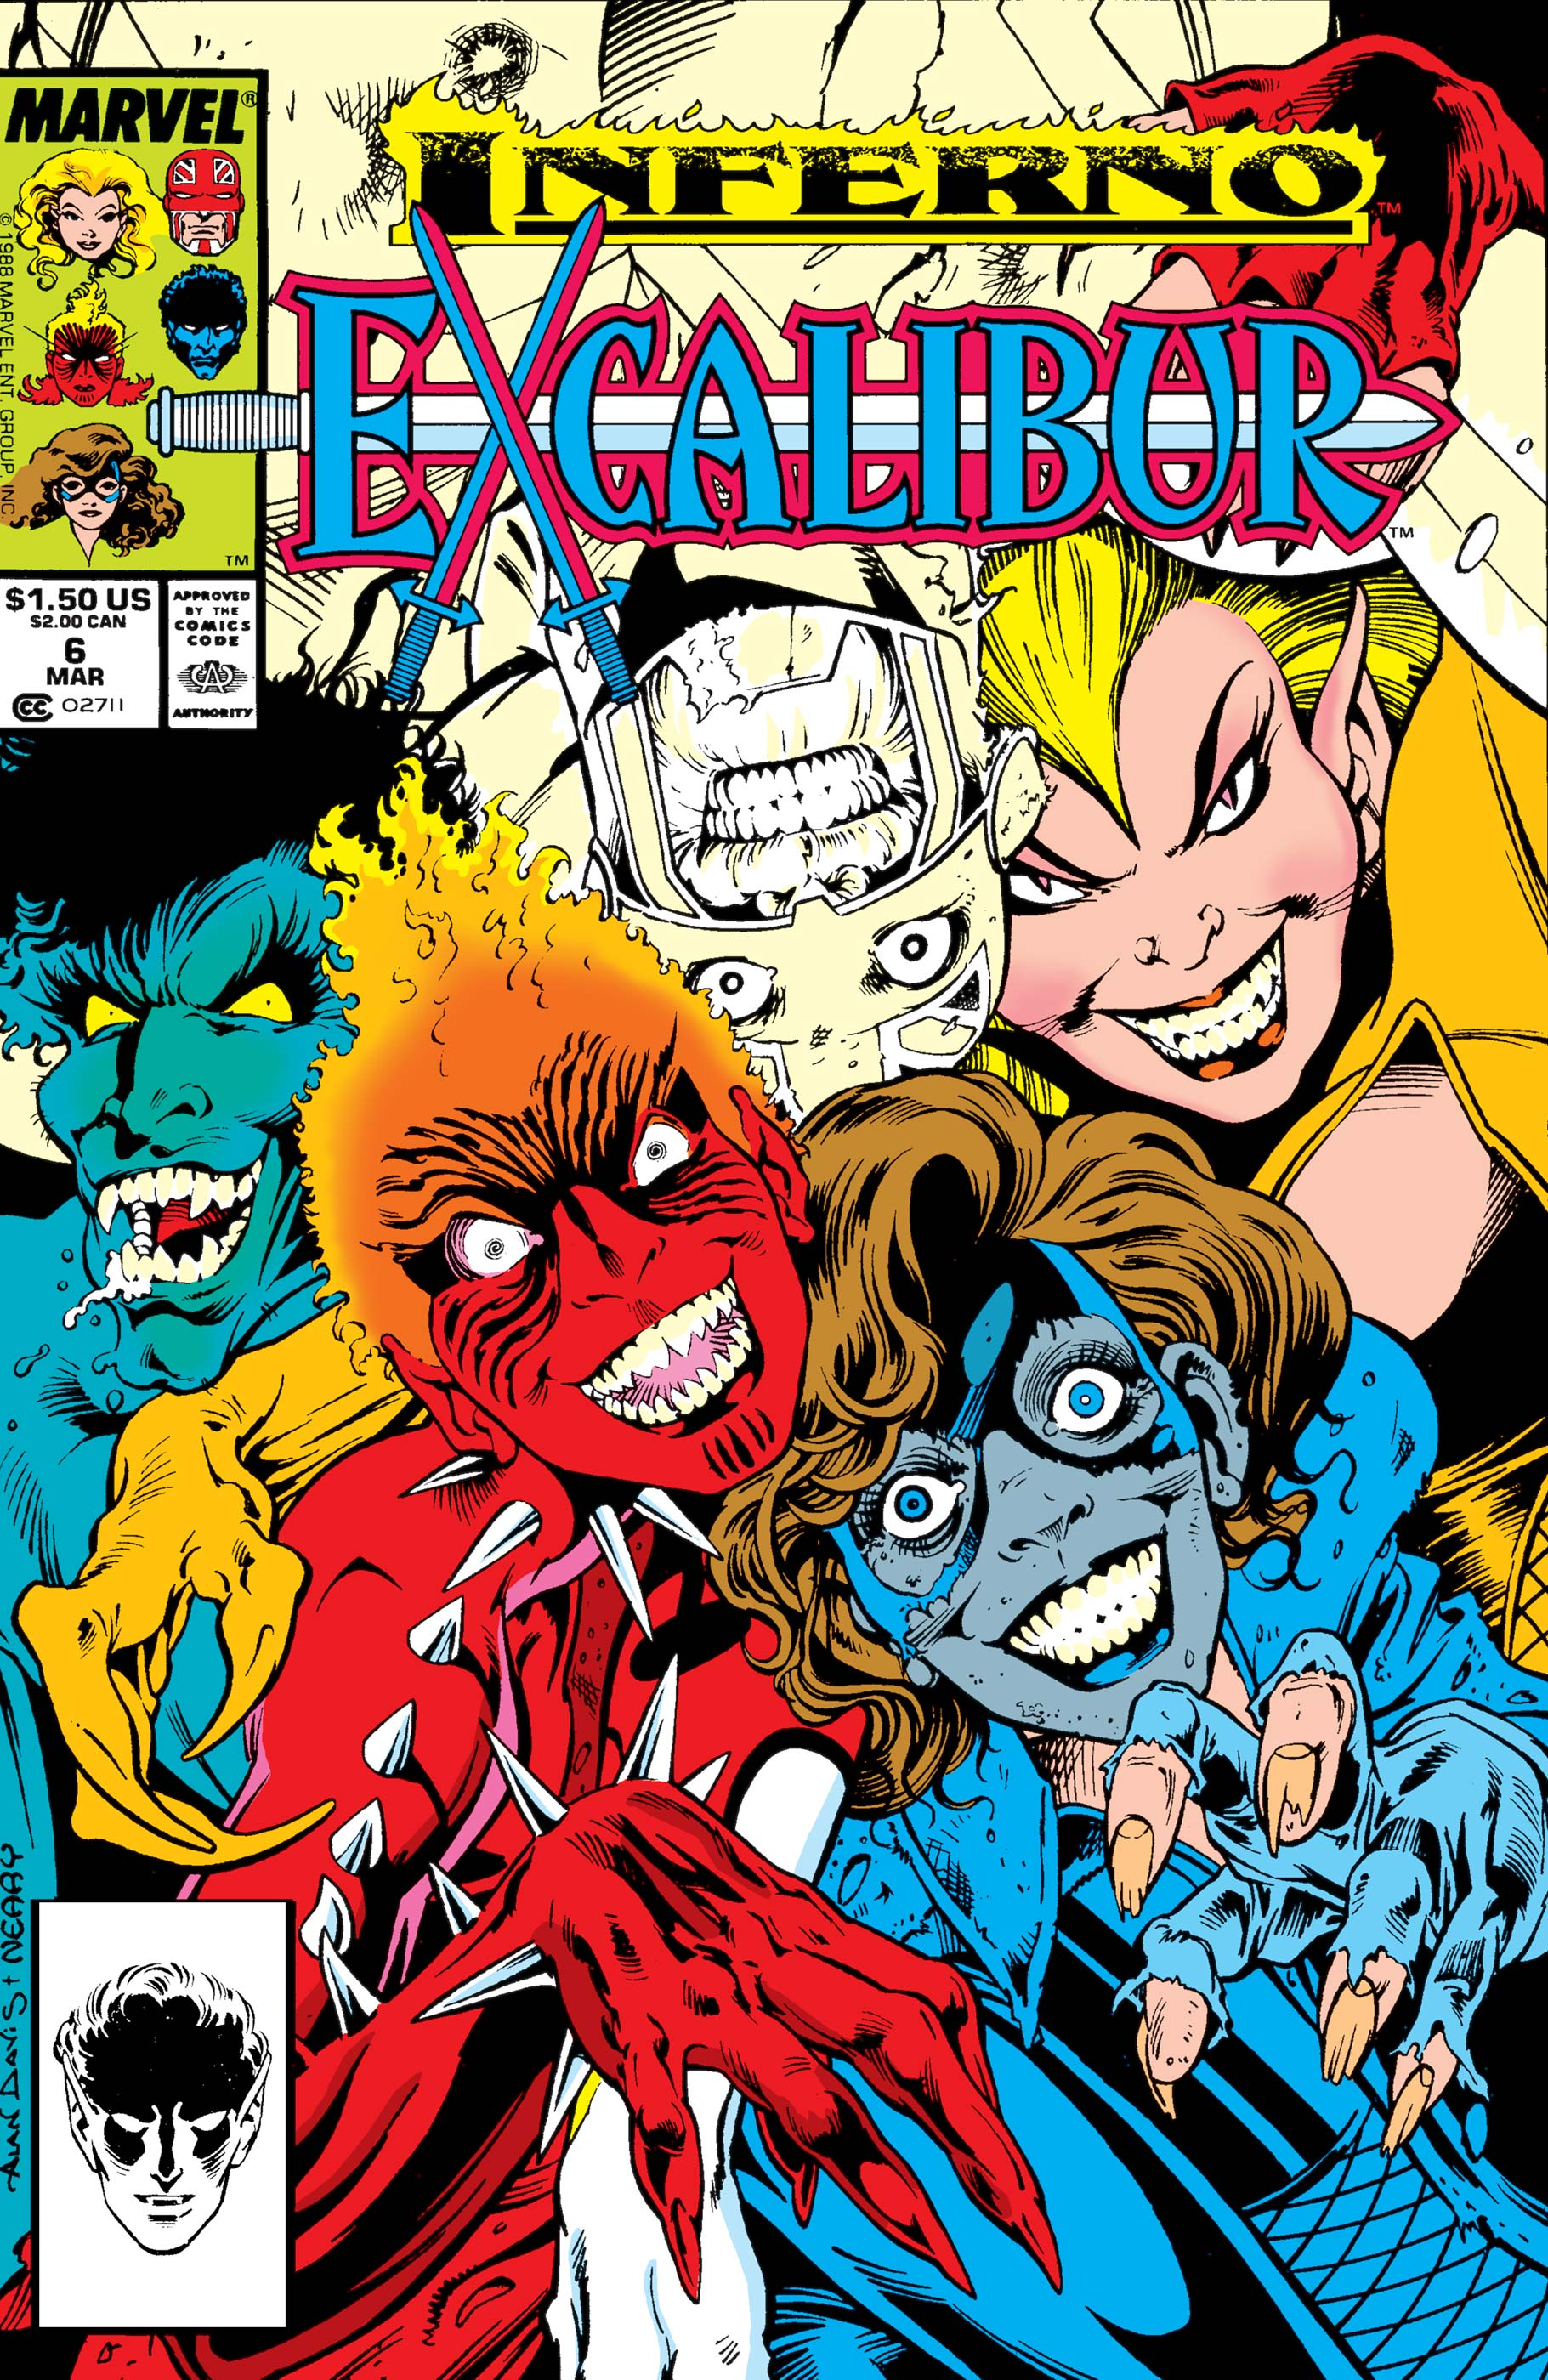 Excalibur (1988) #6